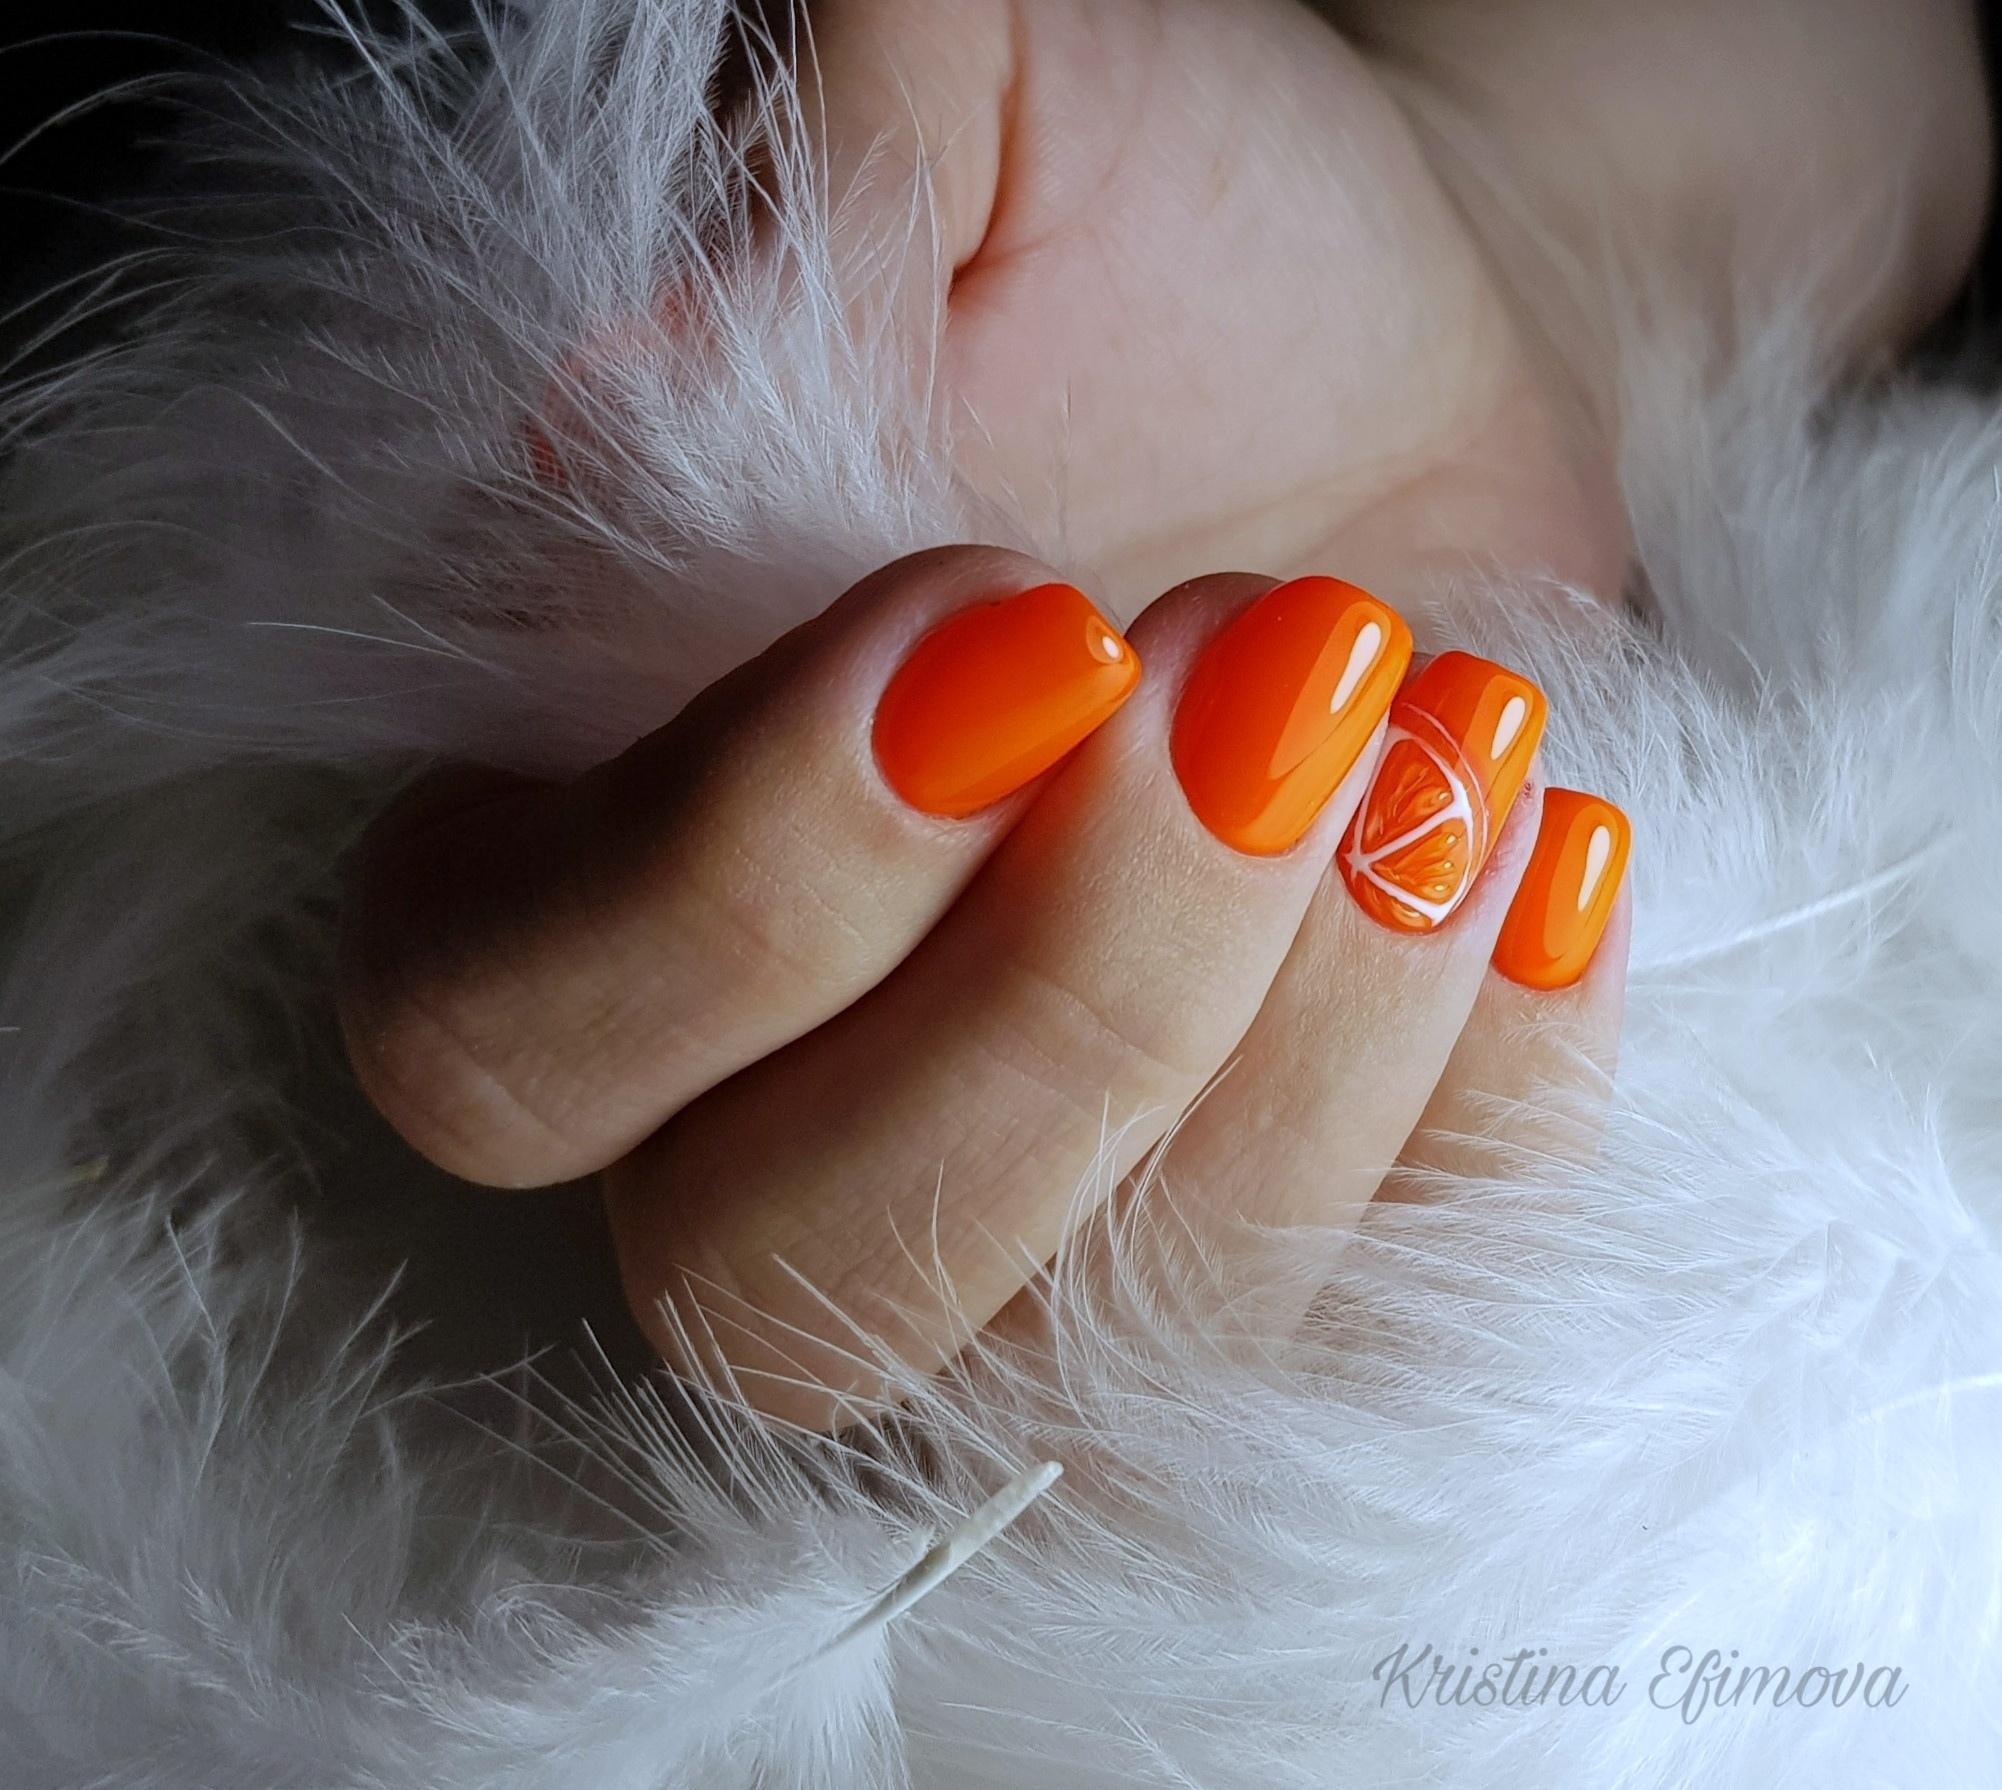 Маникюр с фруктовым рисунком в оранжевом цвете.